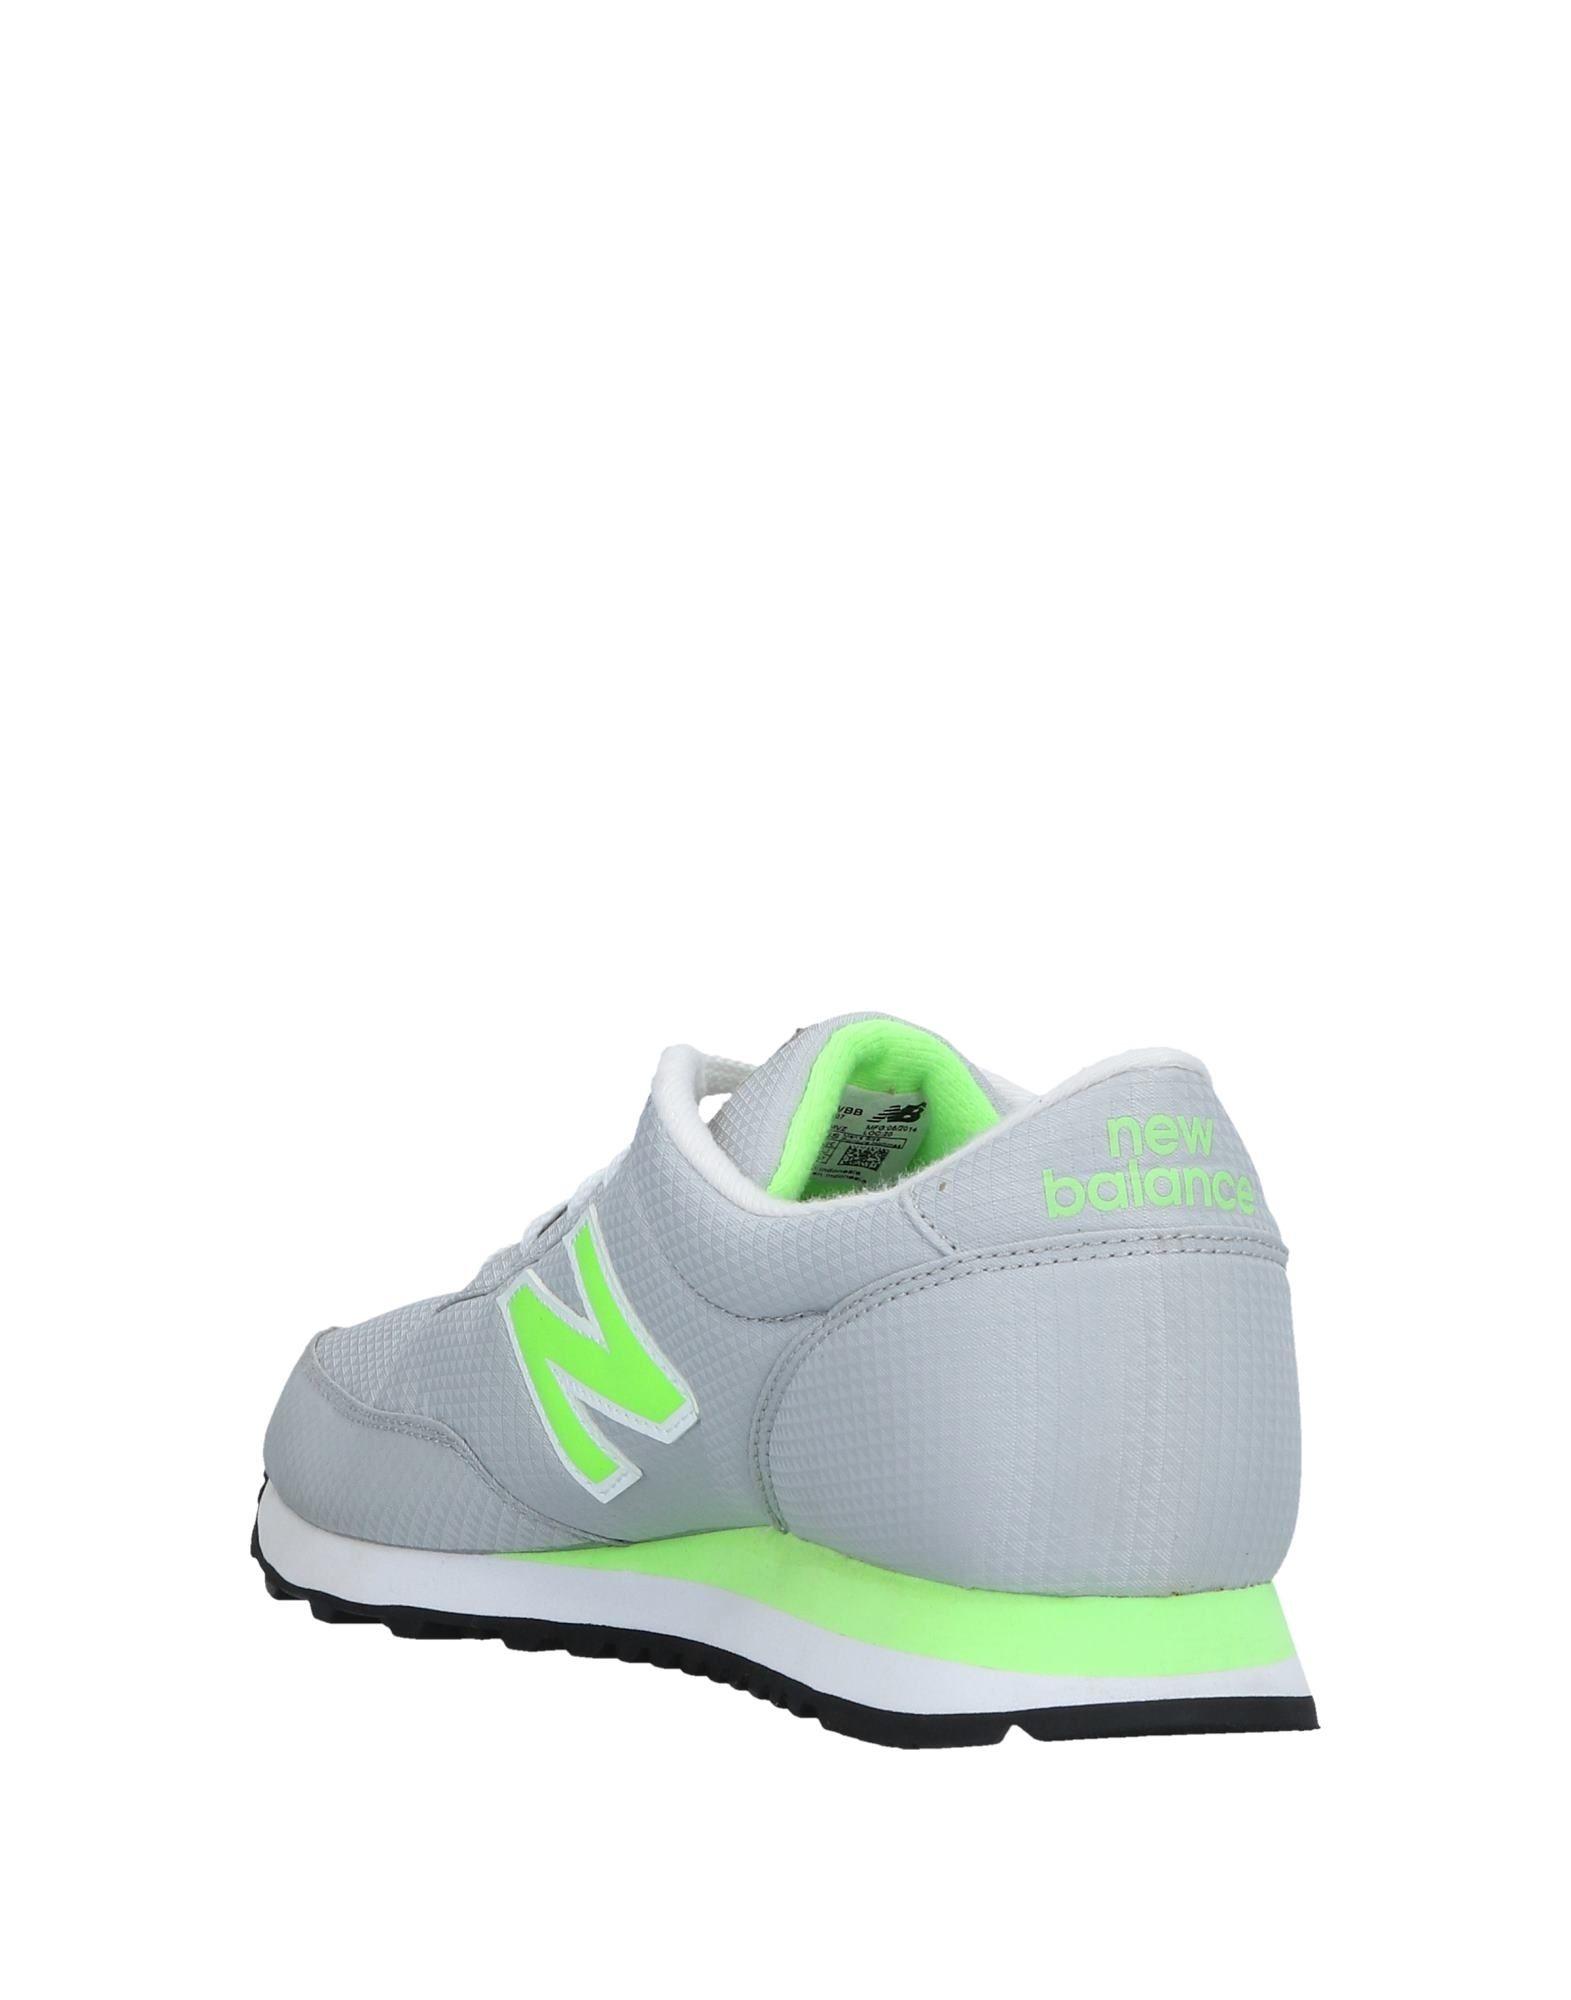 Rabatt echte Schuhe Schuhe Schuhe New Balance Sneakers Herren  11535961QV f553b8